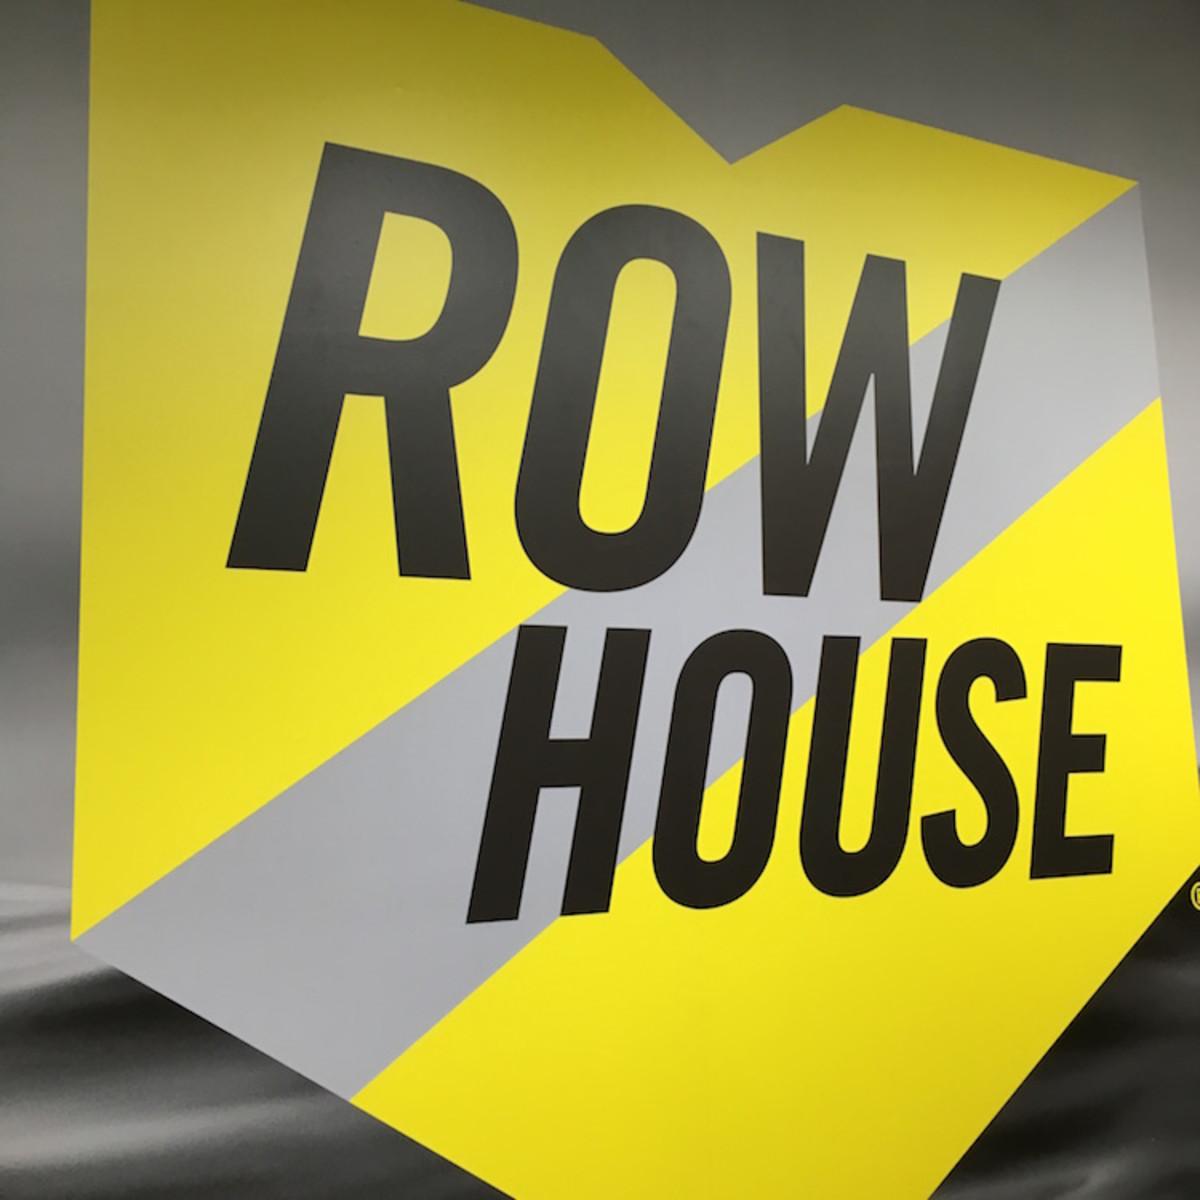 rowhouse